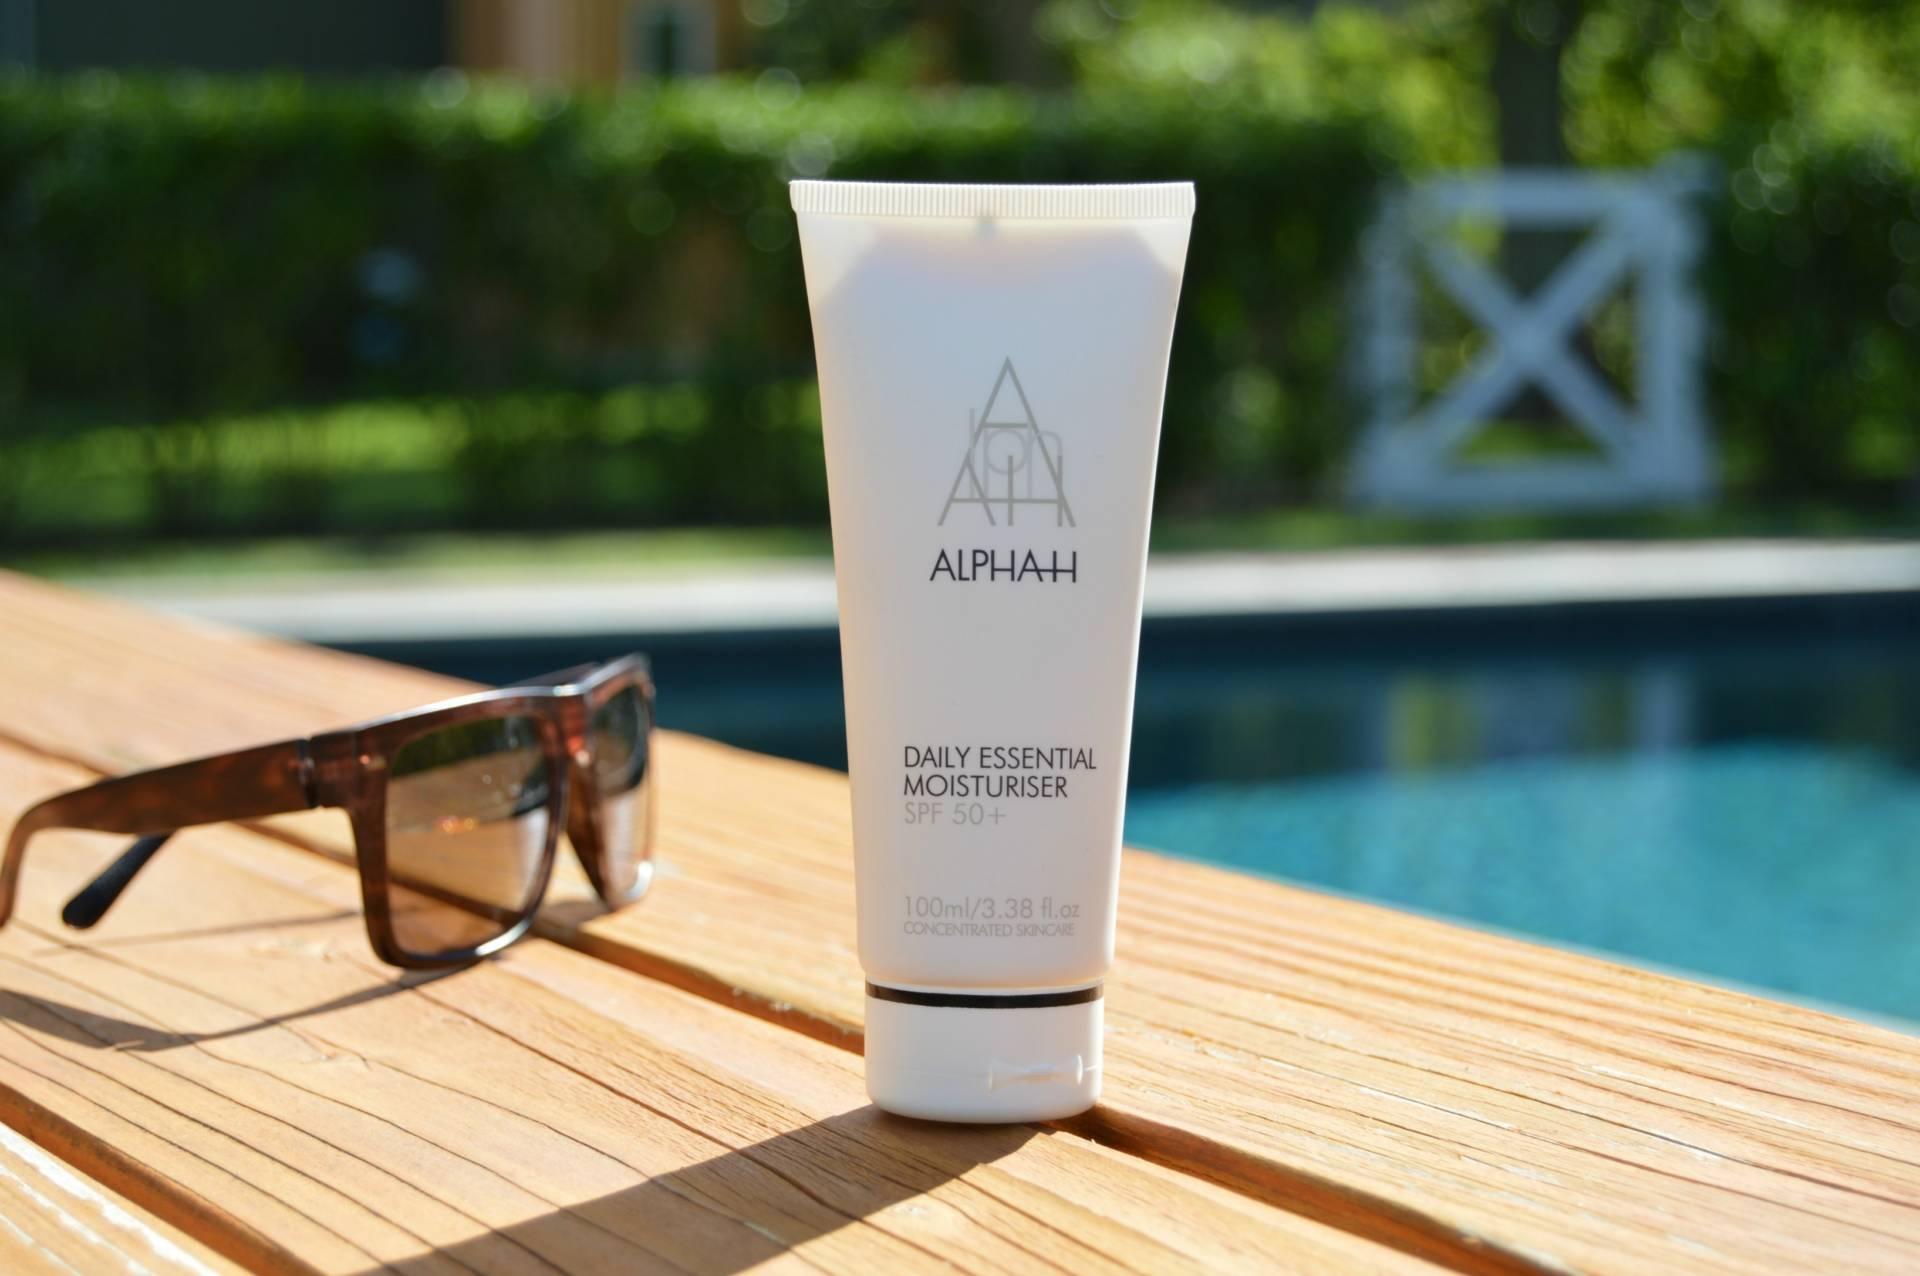 ALPHA H inhautepursuit review daily essential moisturiser spf 50 sunscreen